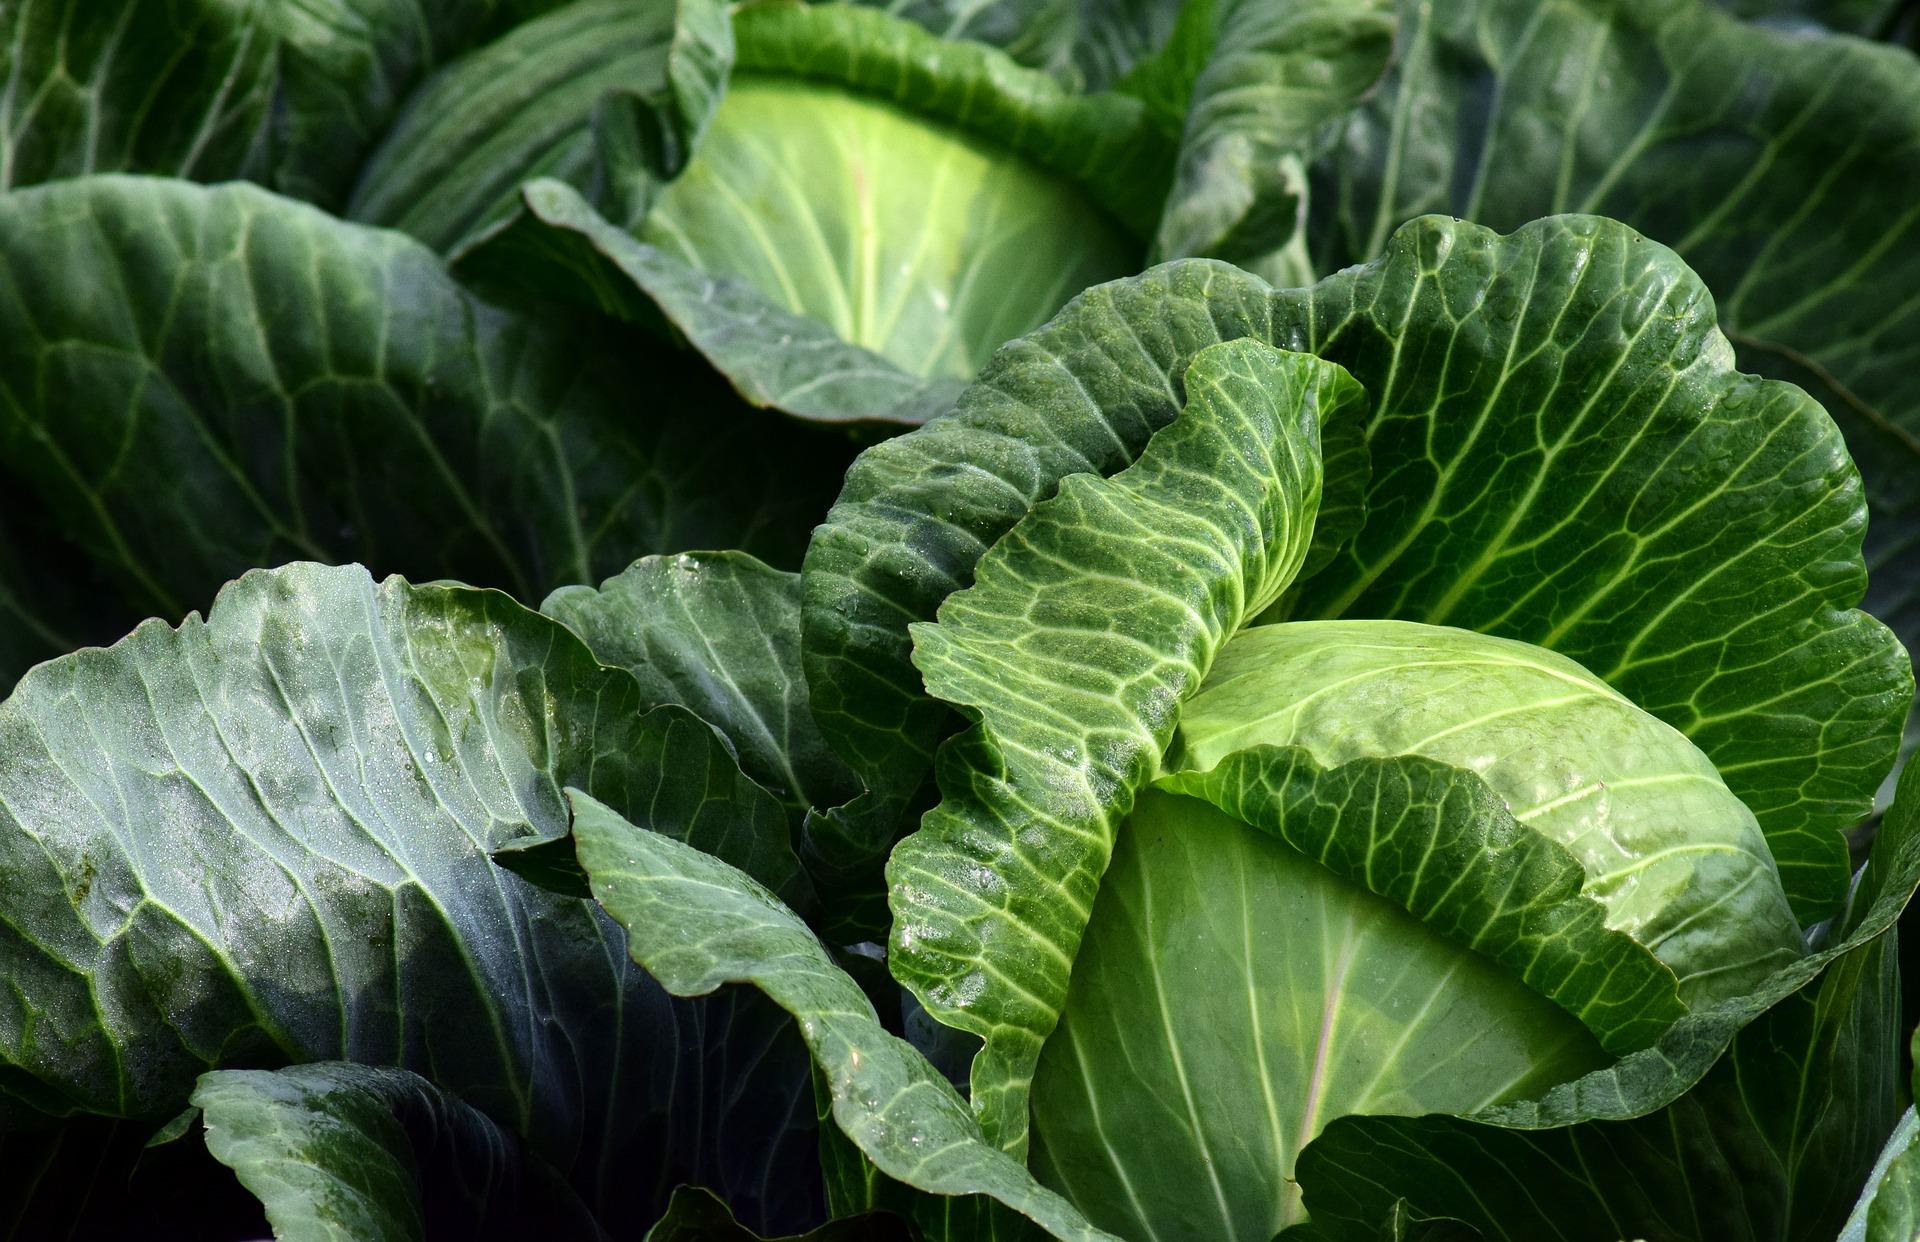 Ціни на капусту знизились під впливом збільшення її пропозиції